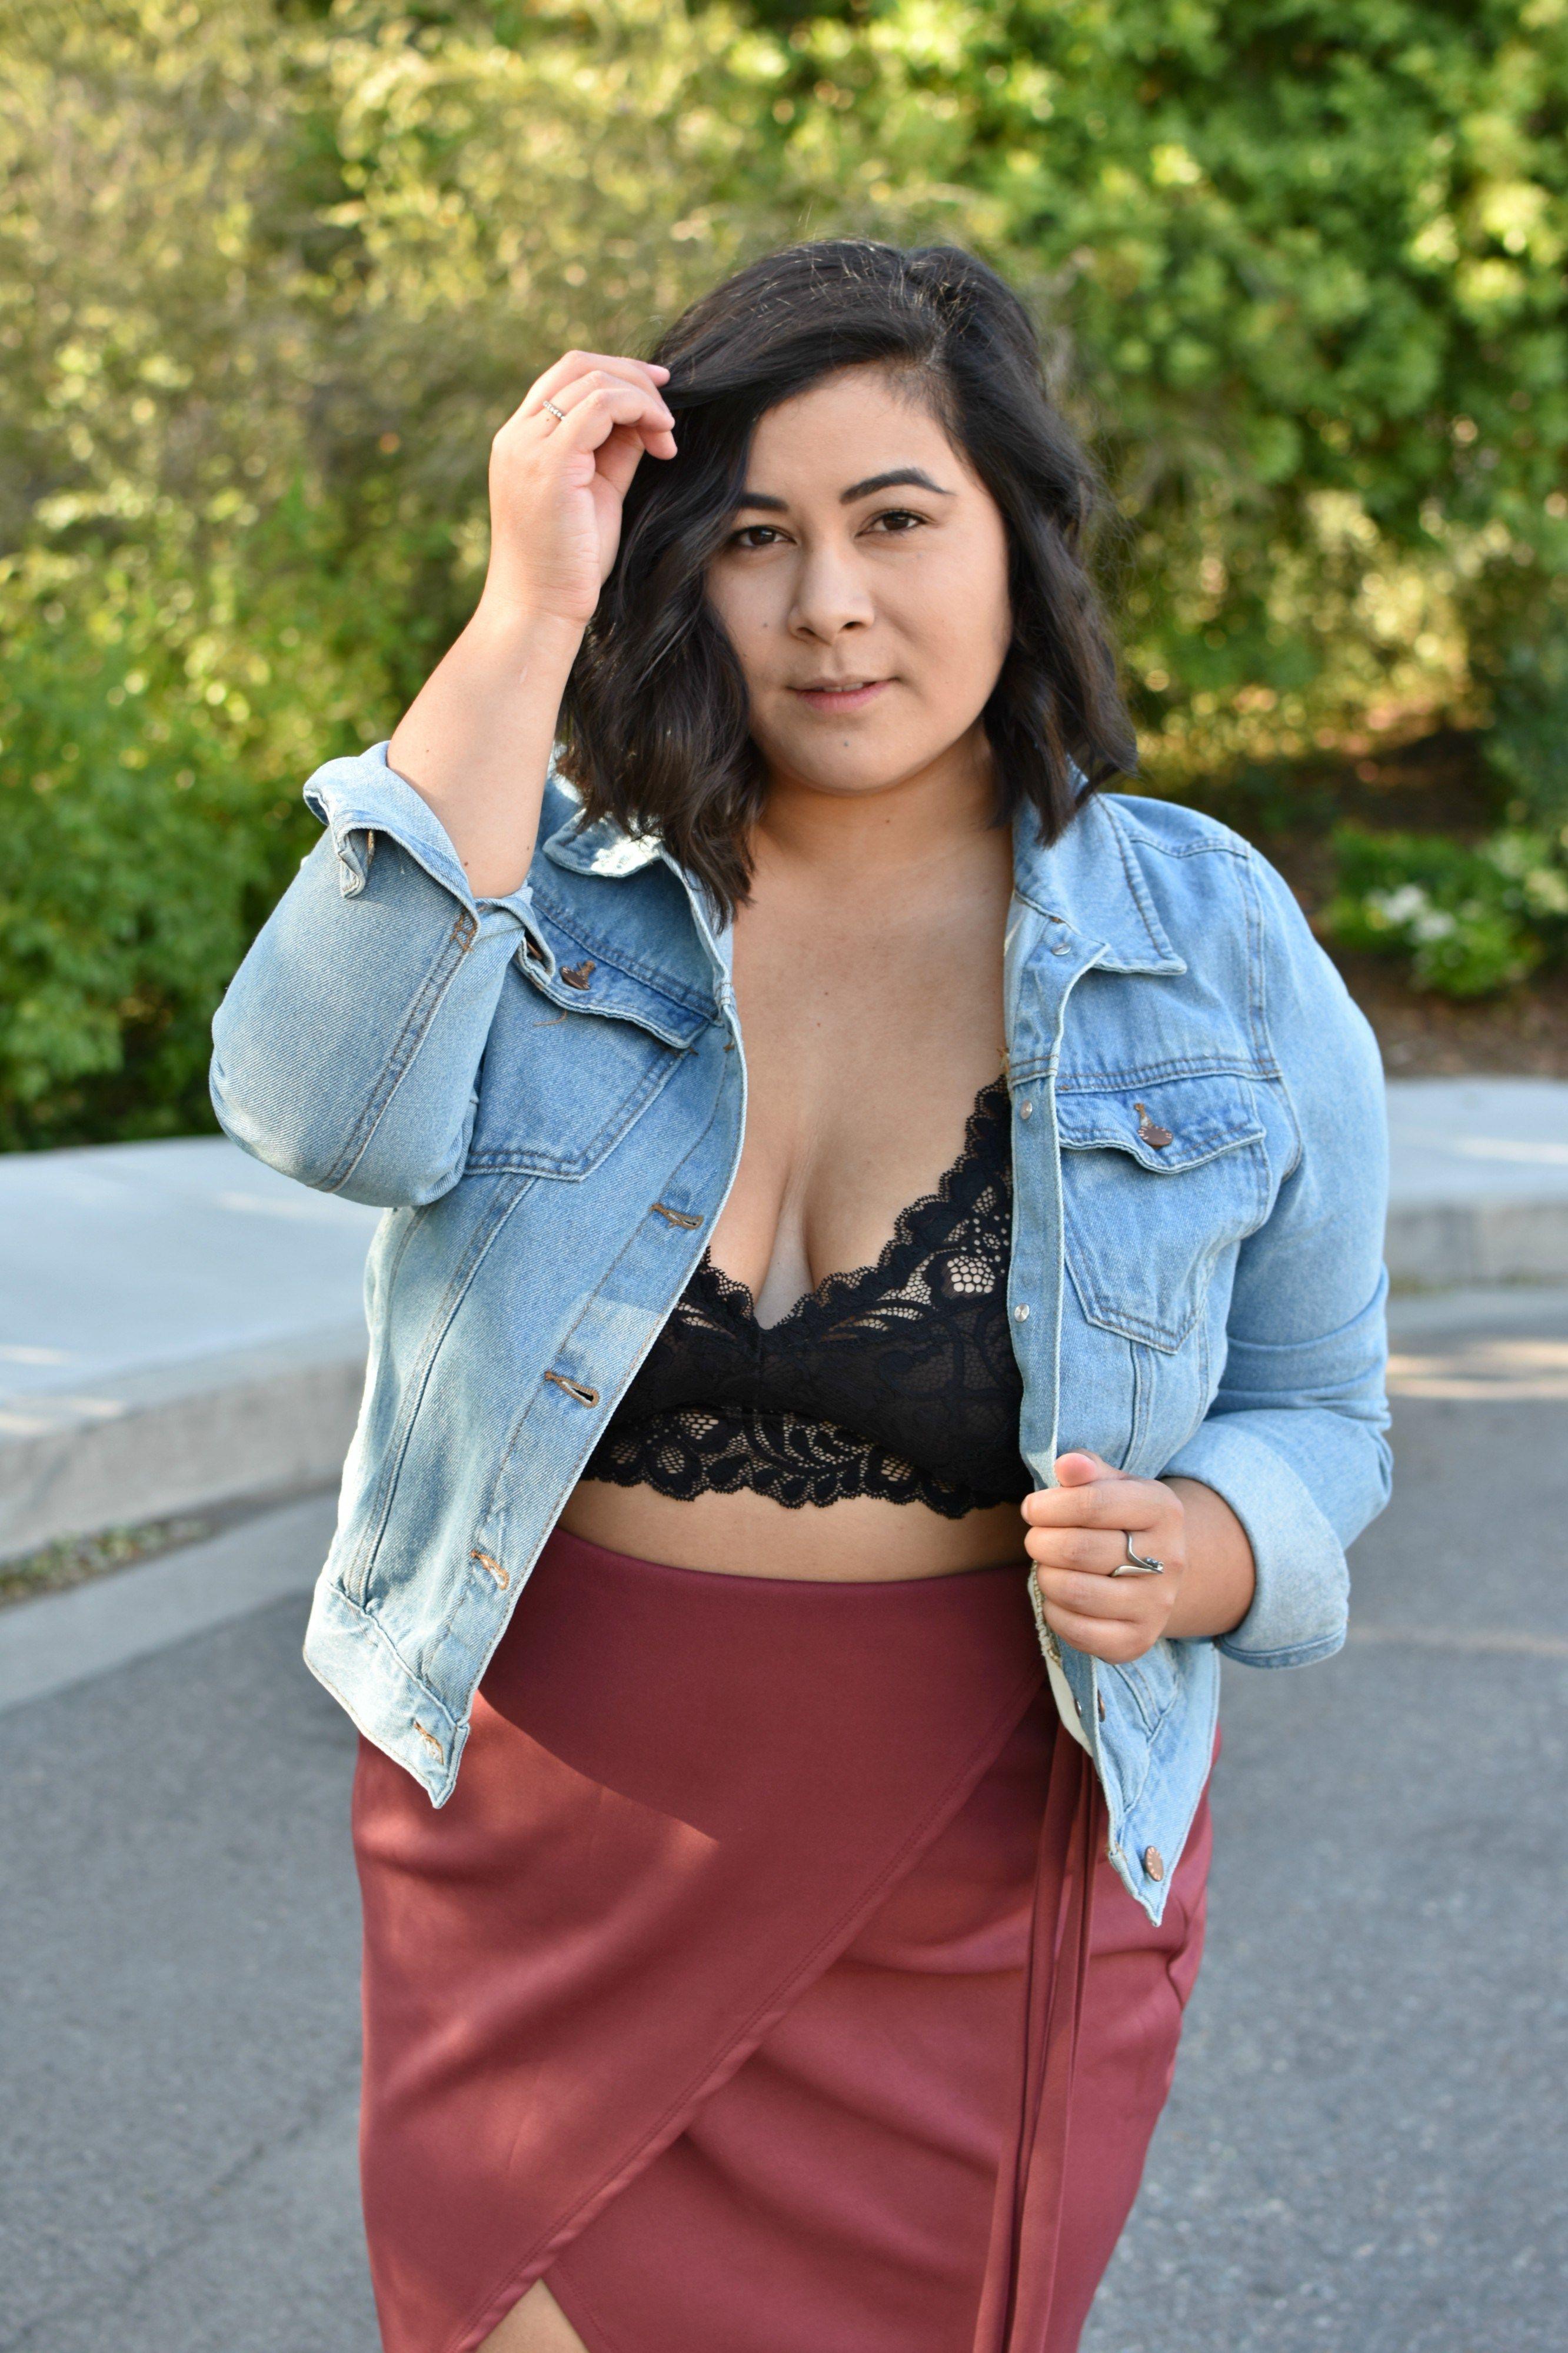 F21 Plus size jean jacket & lace bralette; OOTD | Lace bralette ...